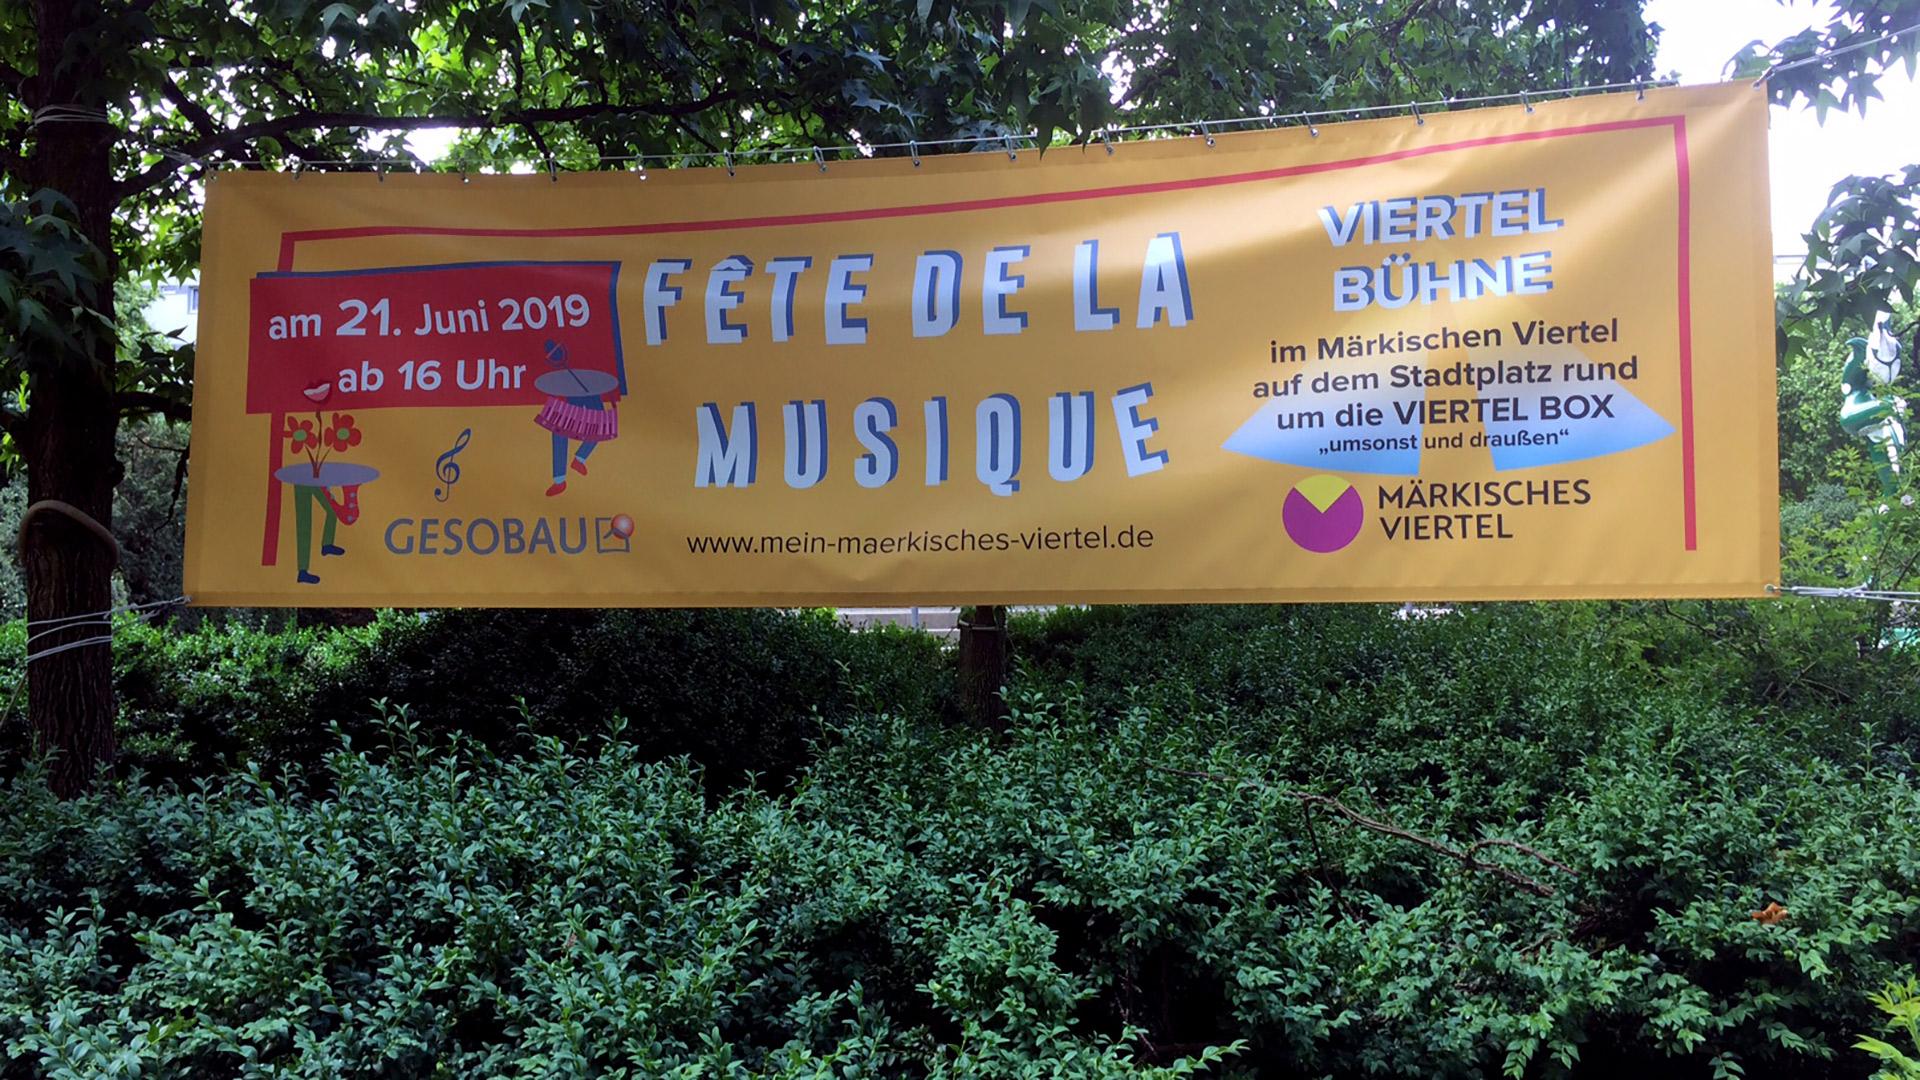 Musik-Berlin-Vollplane-Matti-Michalke-Berlin-Brandenburg-Aussenwerbung-Innenwerbung-Banner-Planen-Folien-Werbemittel-Druck-Print